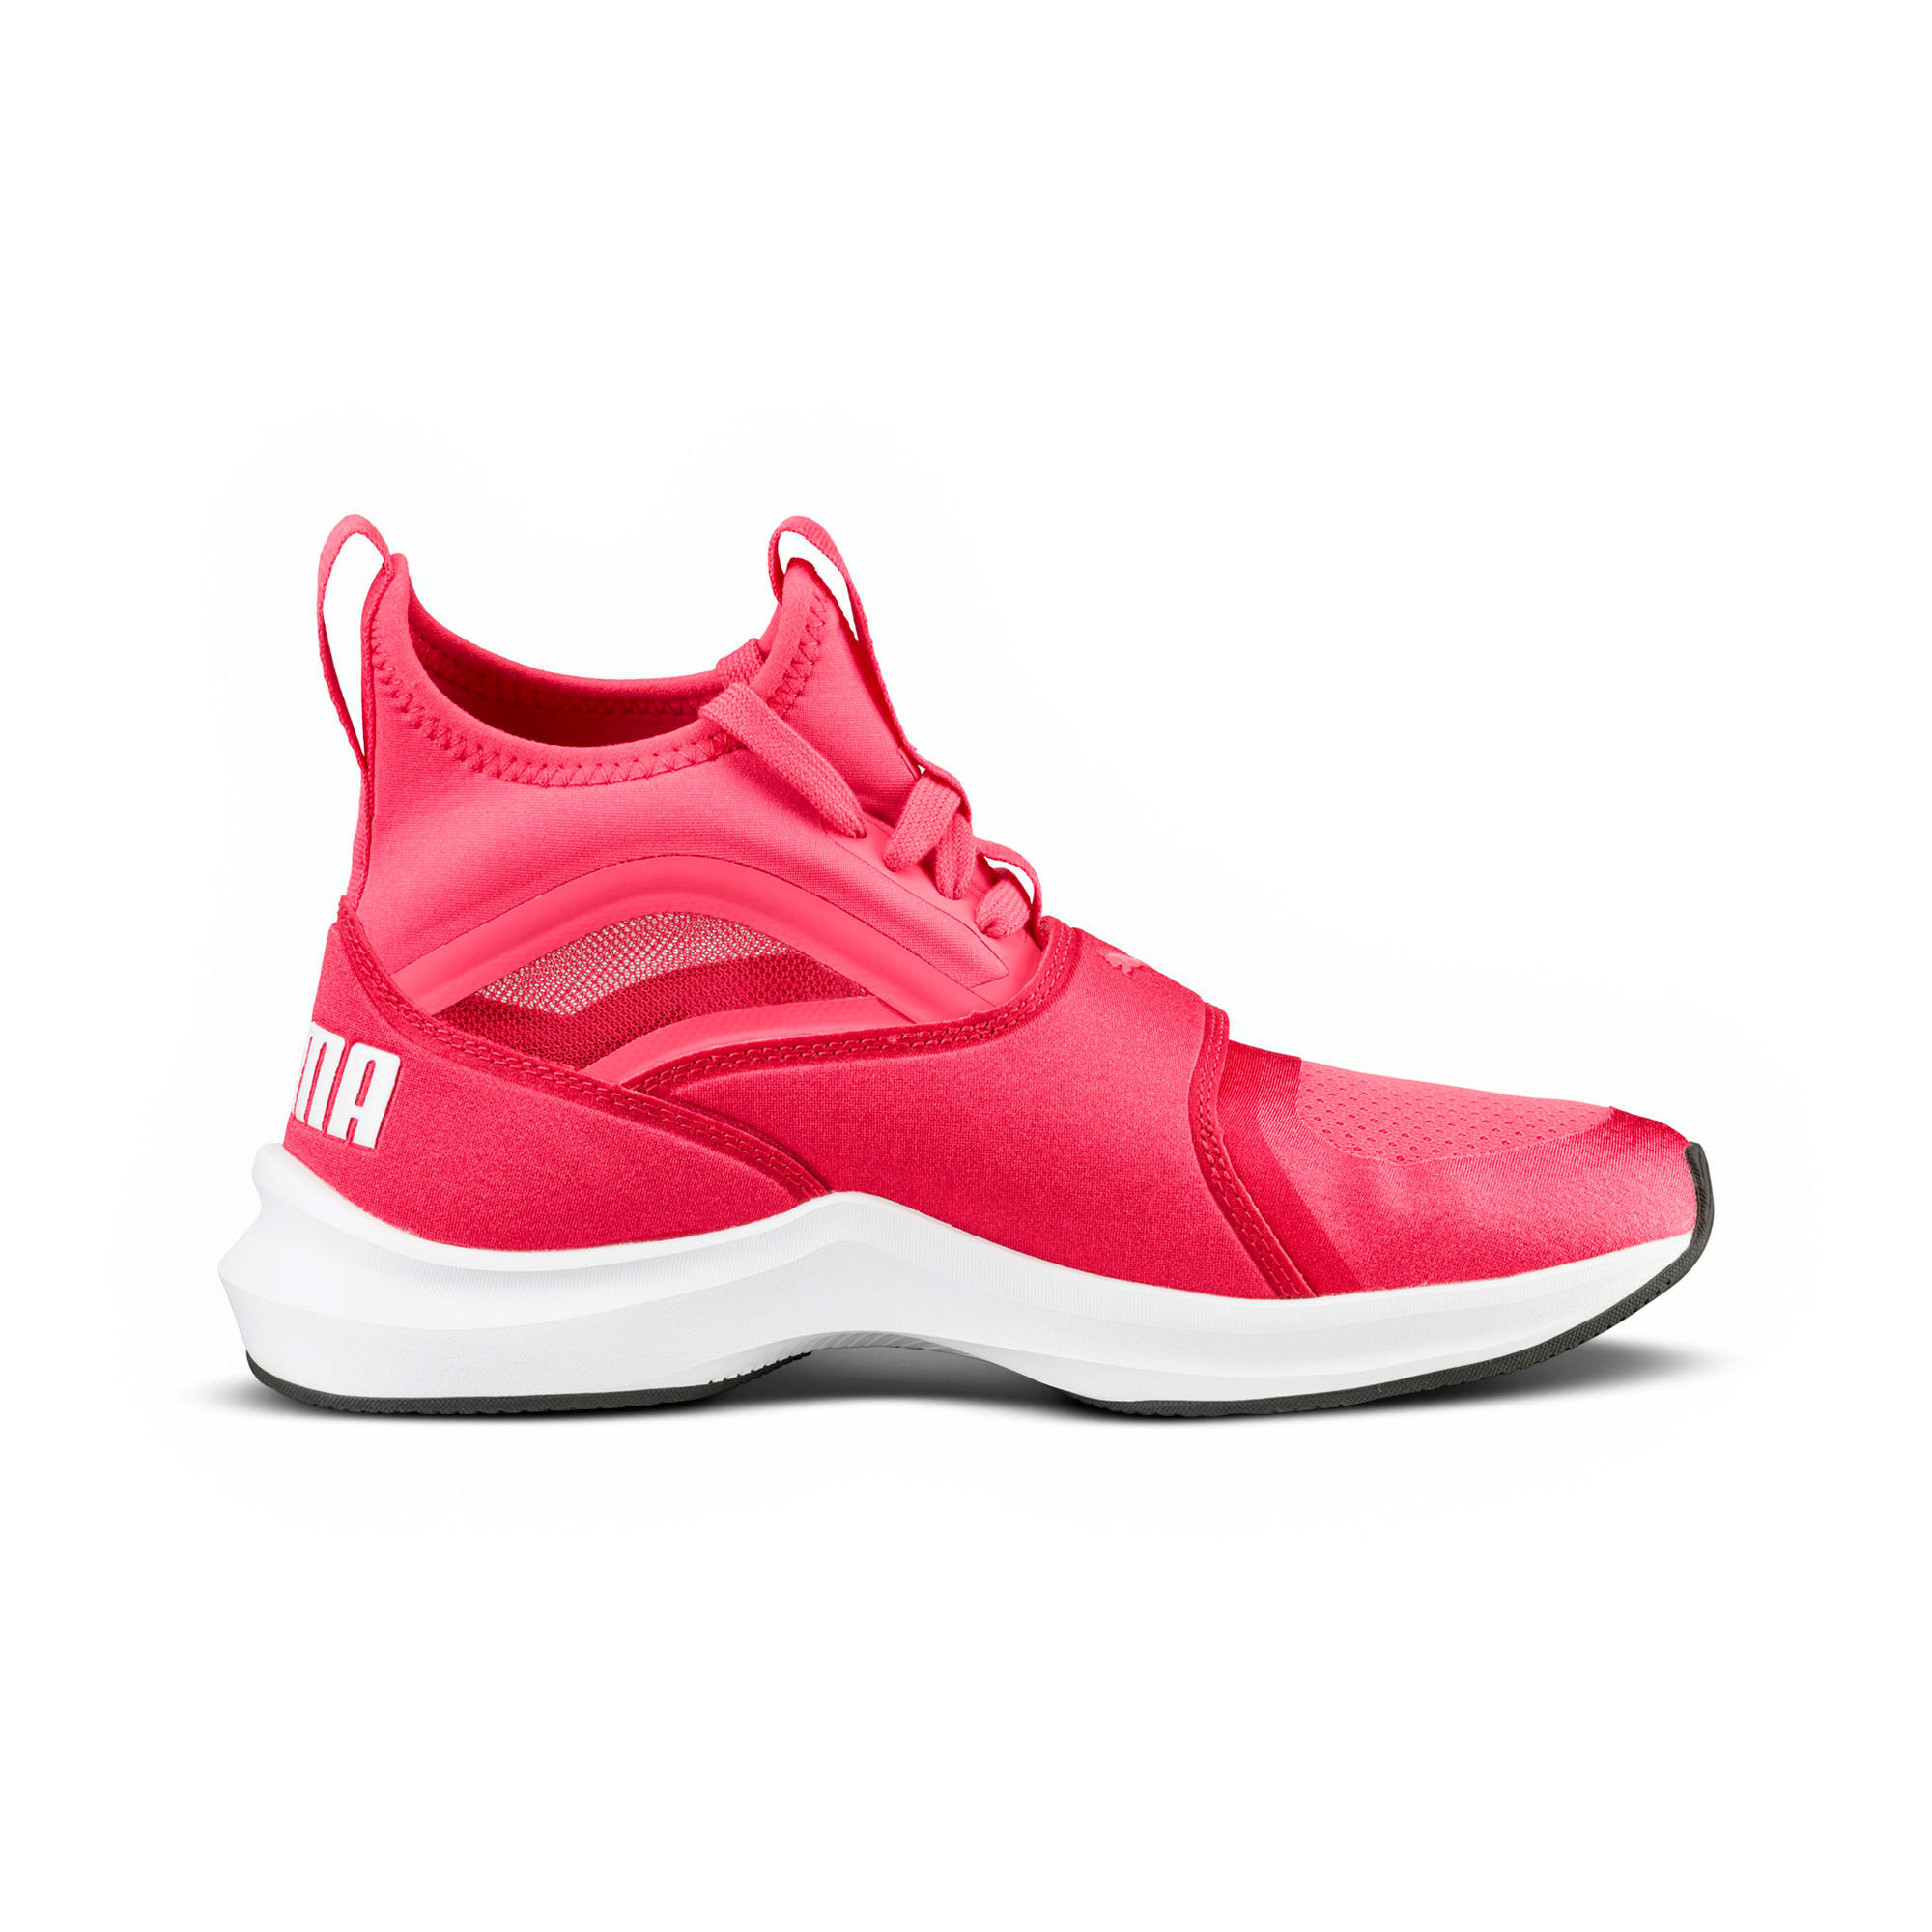 Thumbnail 3 of Phenom Women's Training Shoes, Paradise Pink-Puma White, medium-IND